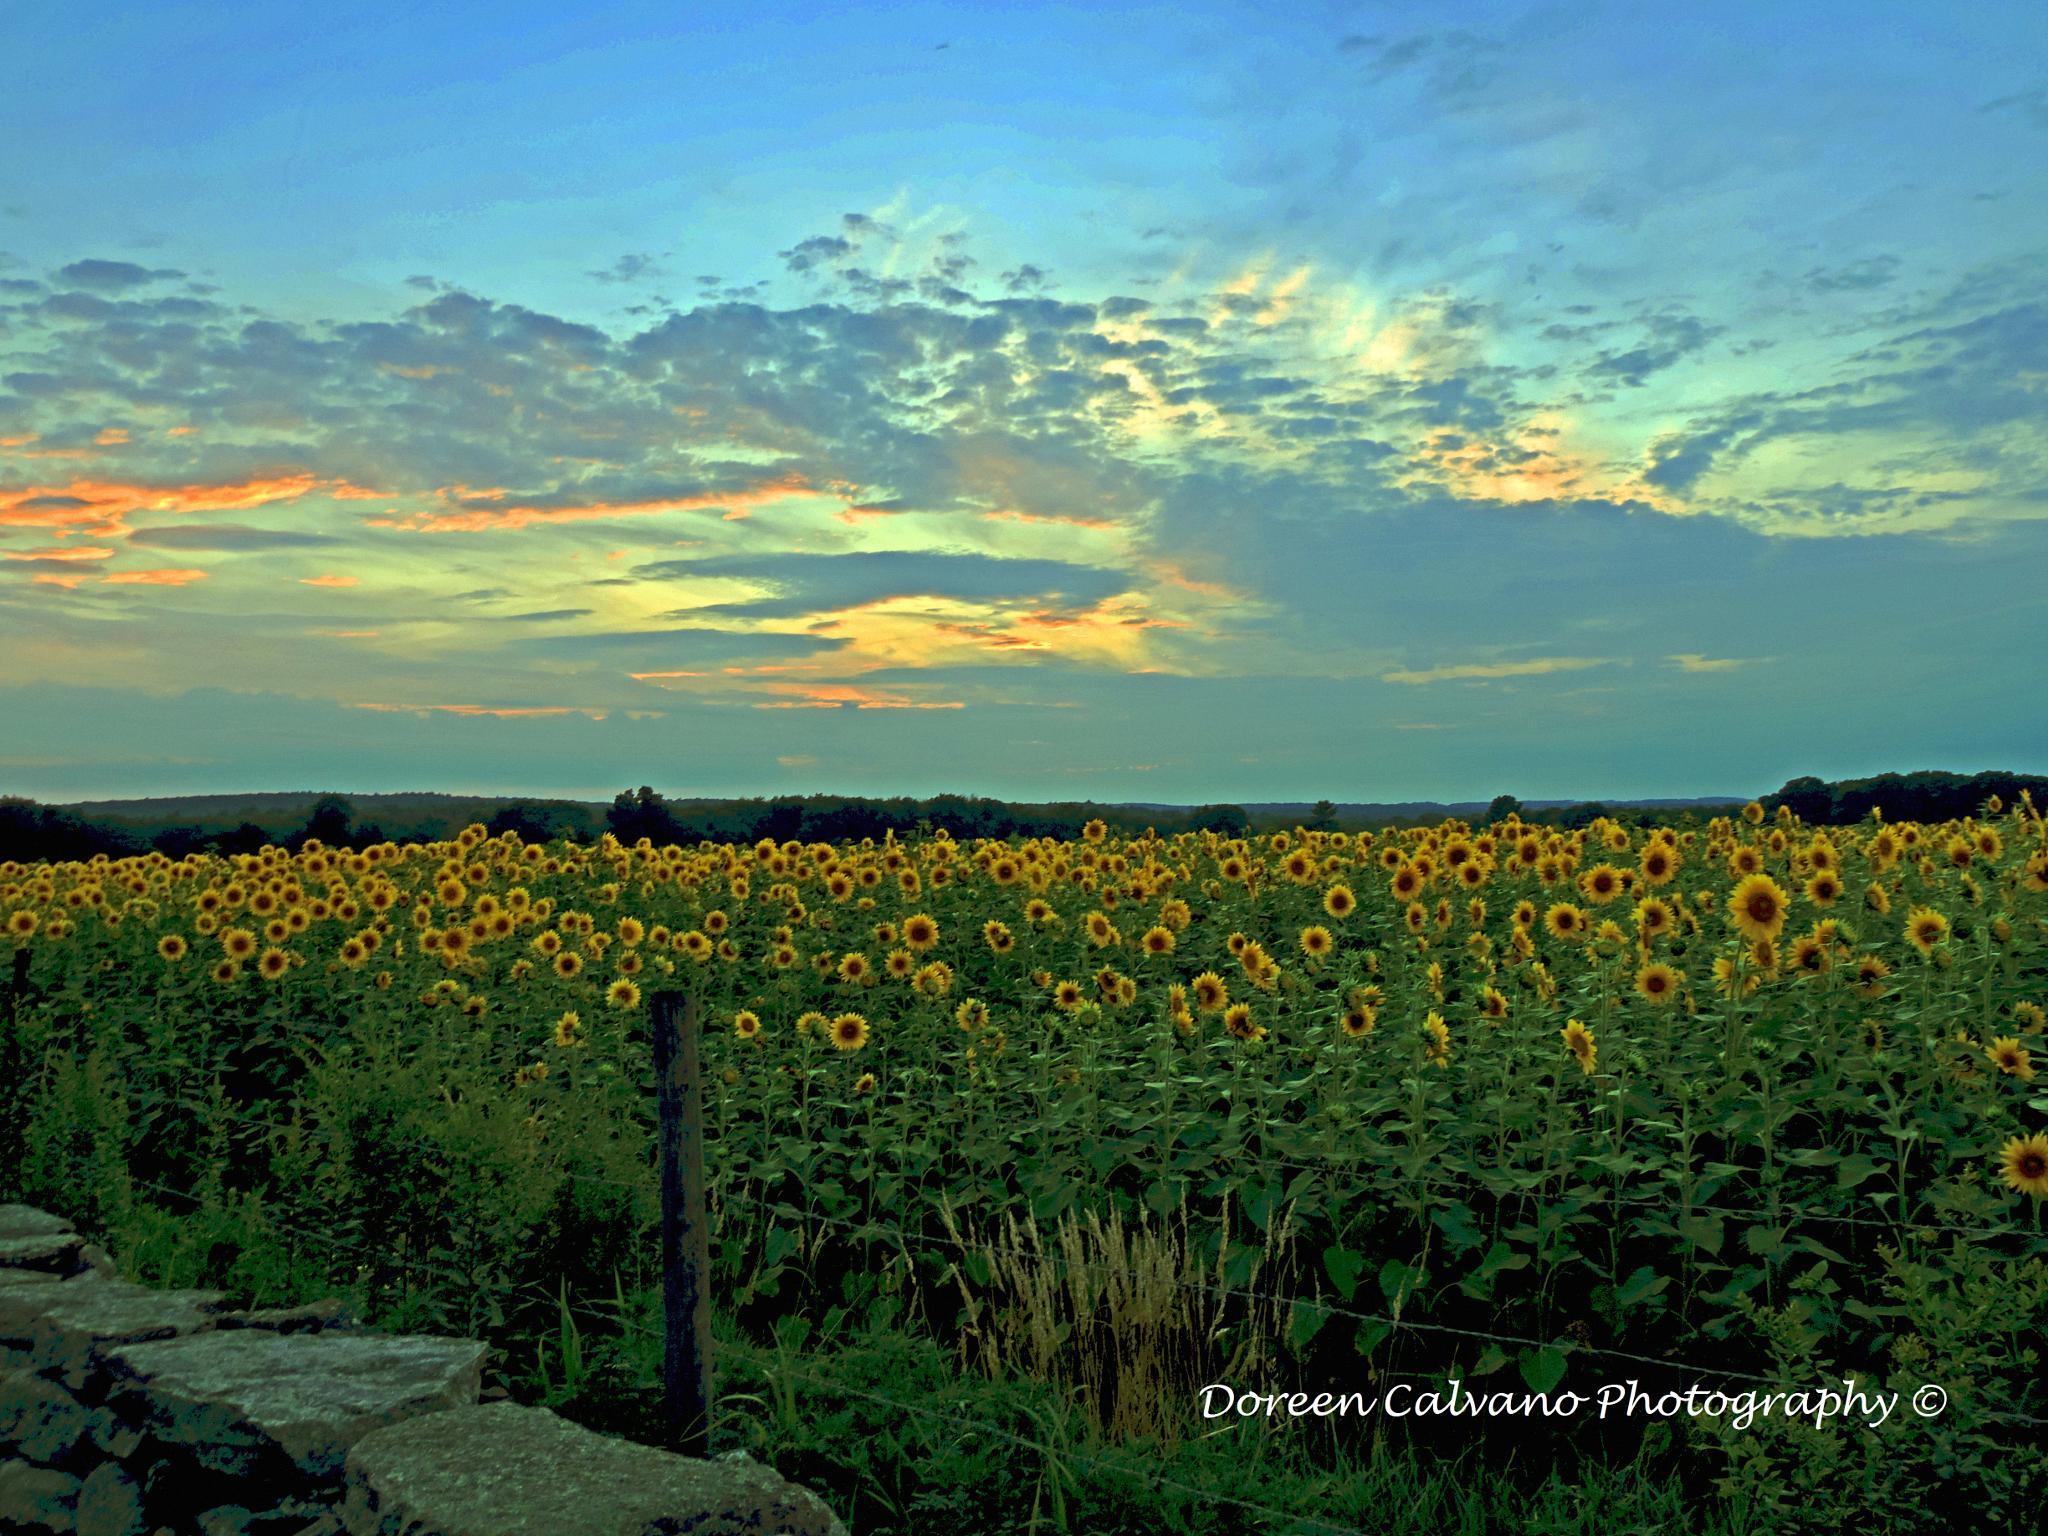 Sea of Sunflowers by doreen.c.calvano